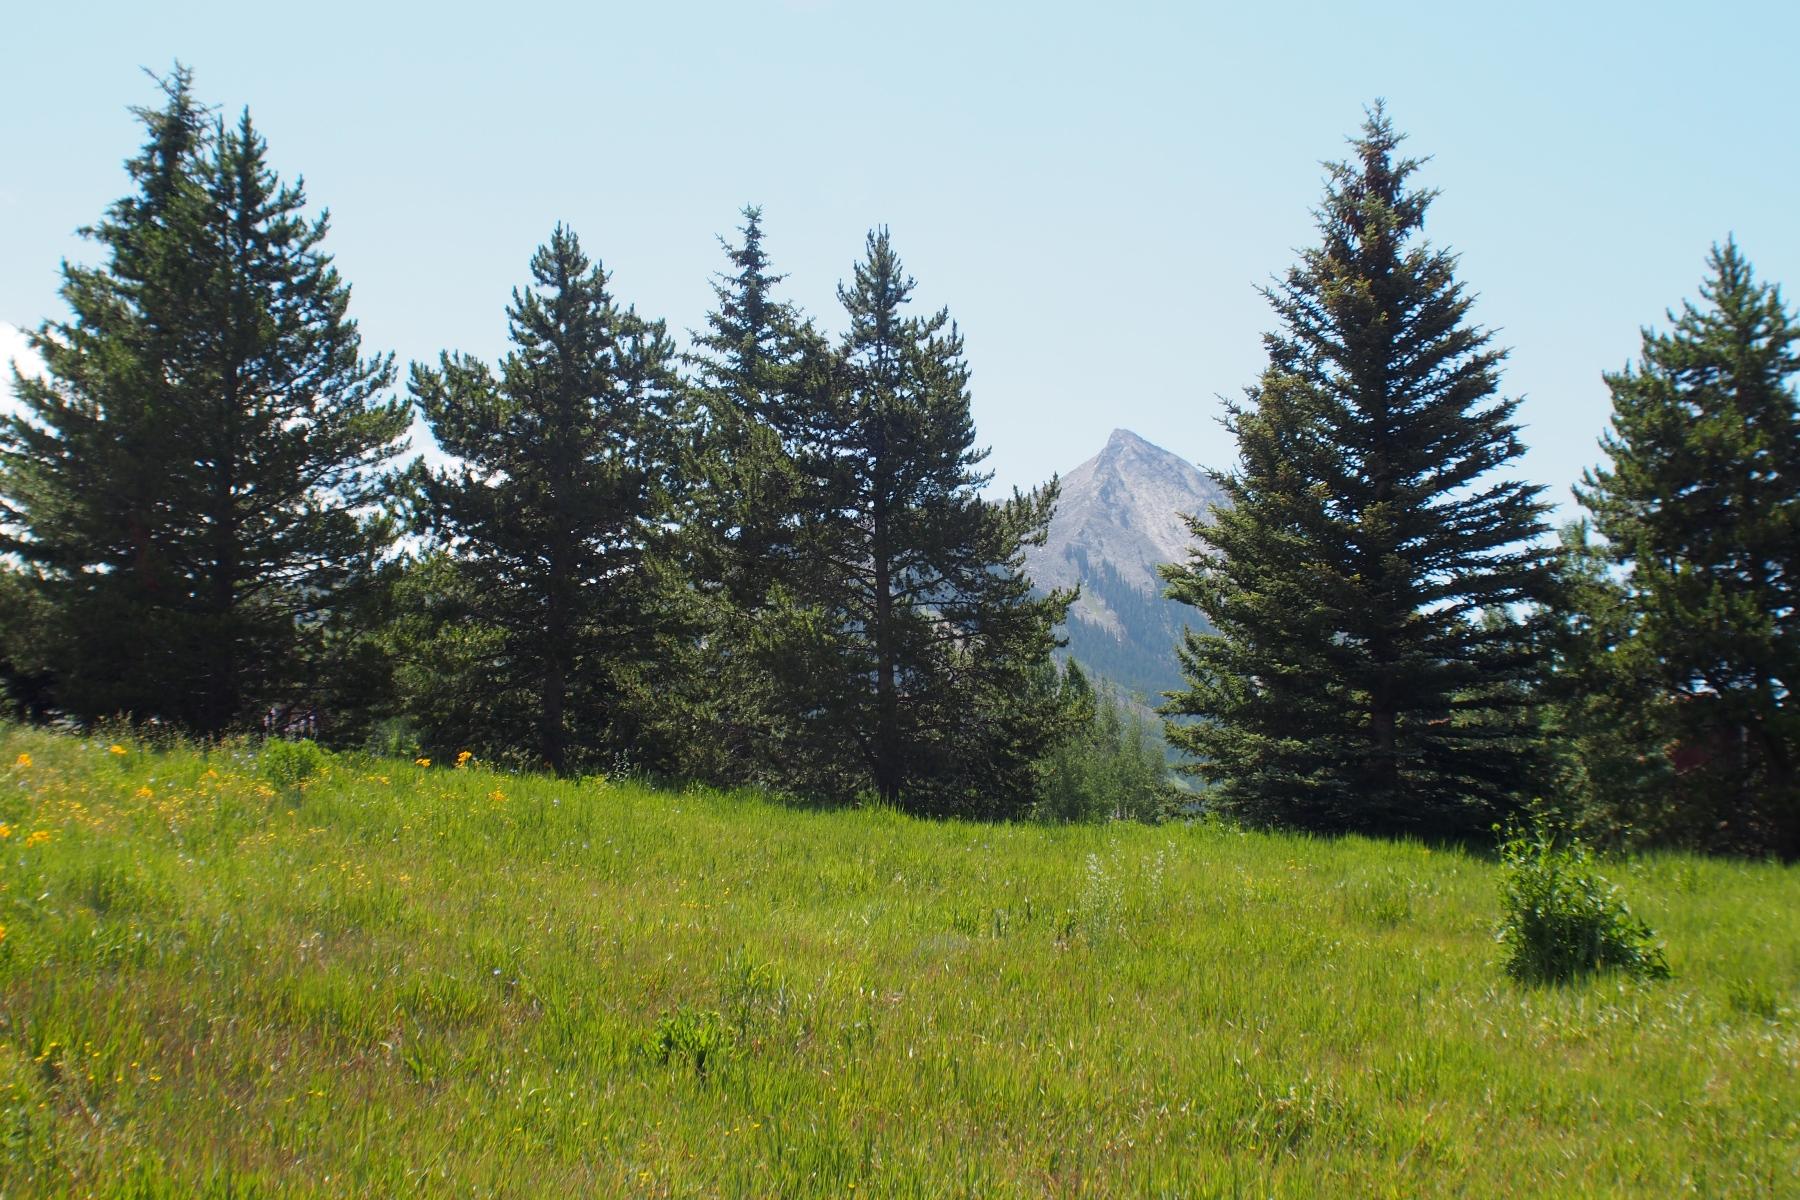 Terreno para Venda às Perfect Location with Great Views 870 Gothic Road, Mount Crested Butte, Colorado, 81225 Estados Unidos